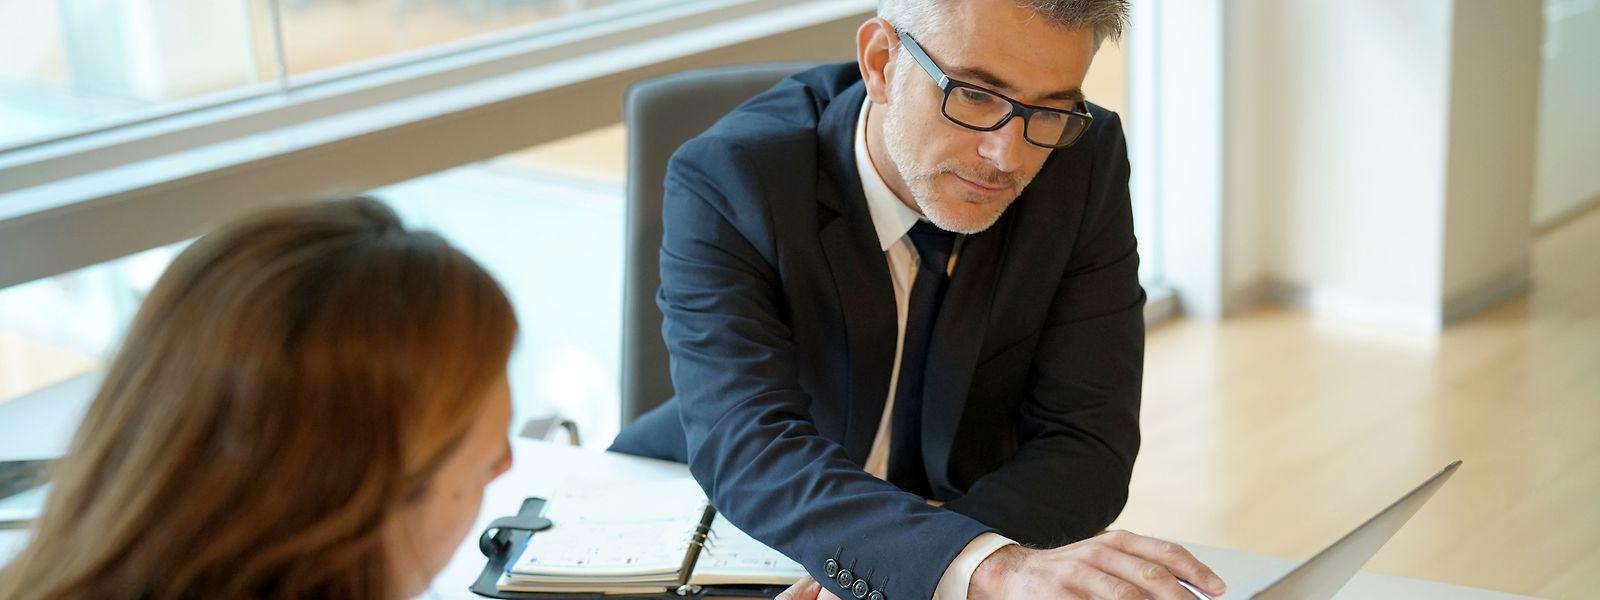 Les clients en gestion de patrimoine se tournent de plus en plus vers les canaux digitaux pour communiquer avec leur gestionnaire.